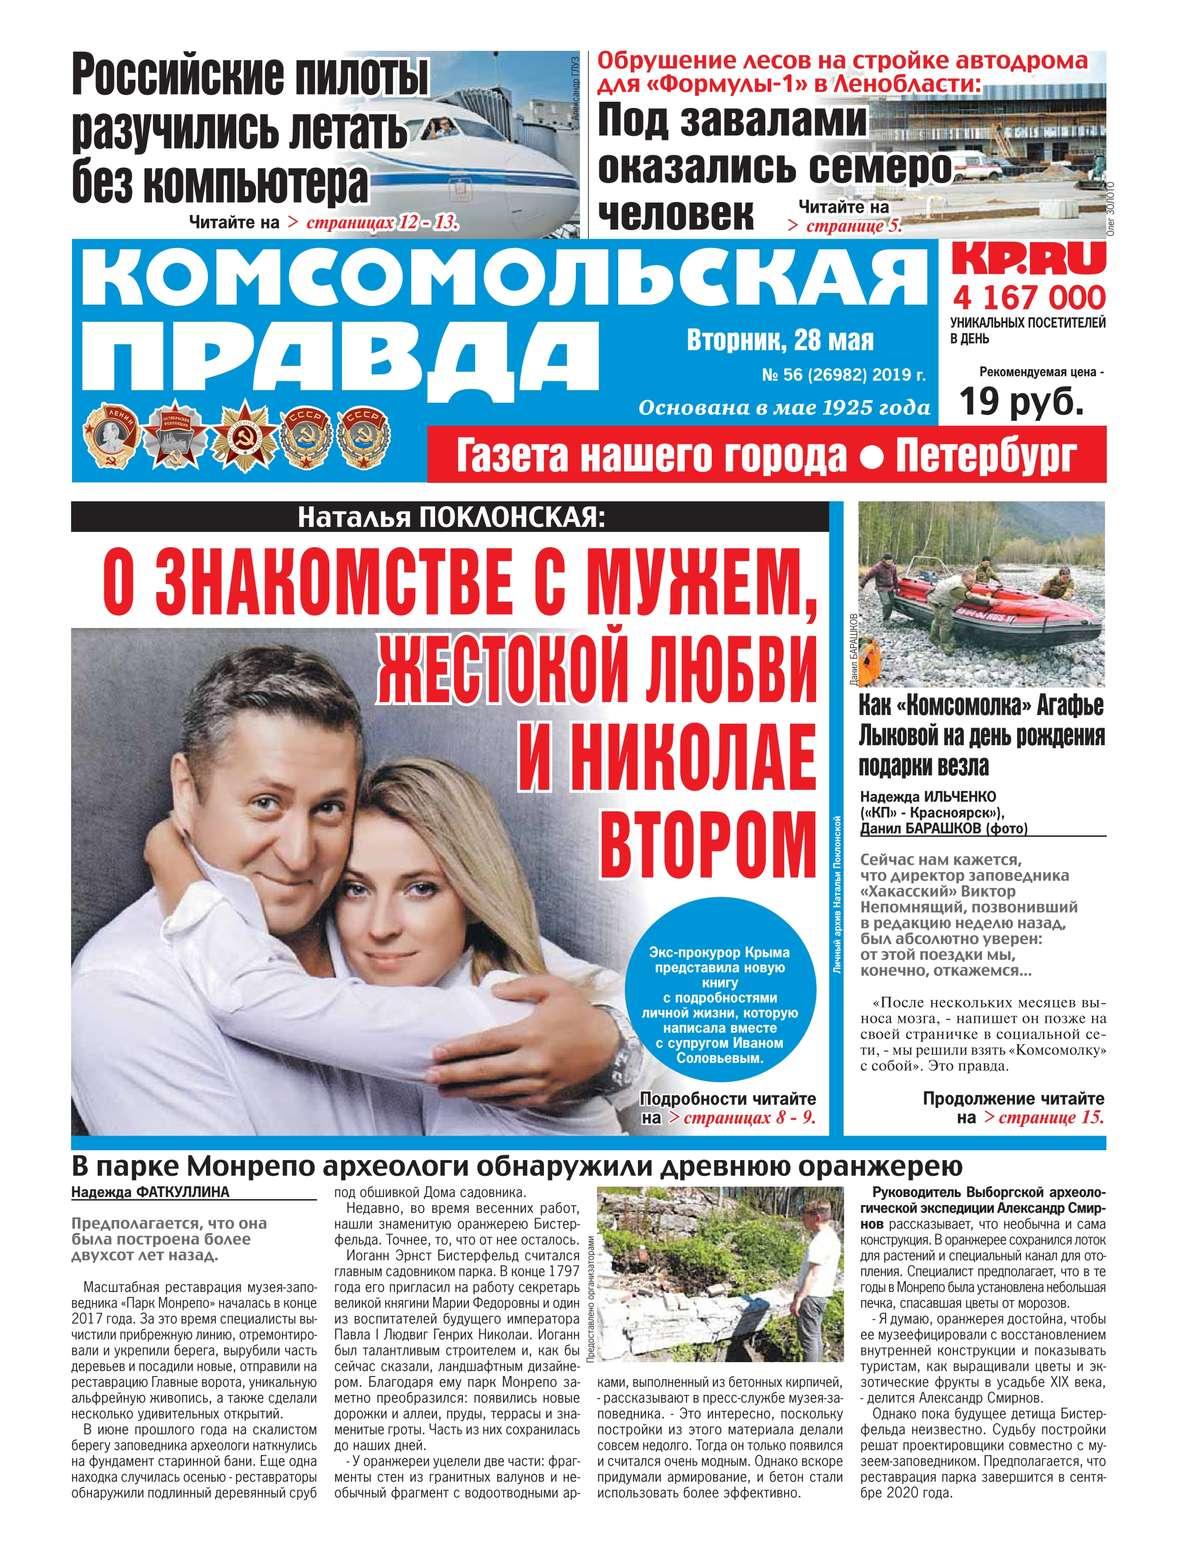 Редакция газеты Комсомольская Правда. - Комсомольская Правда. - 56-2019